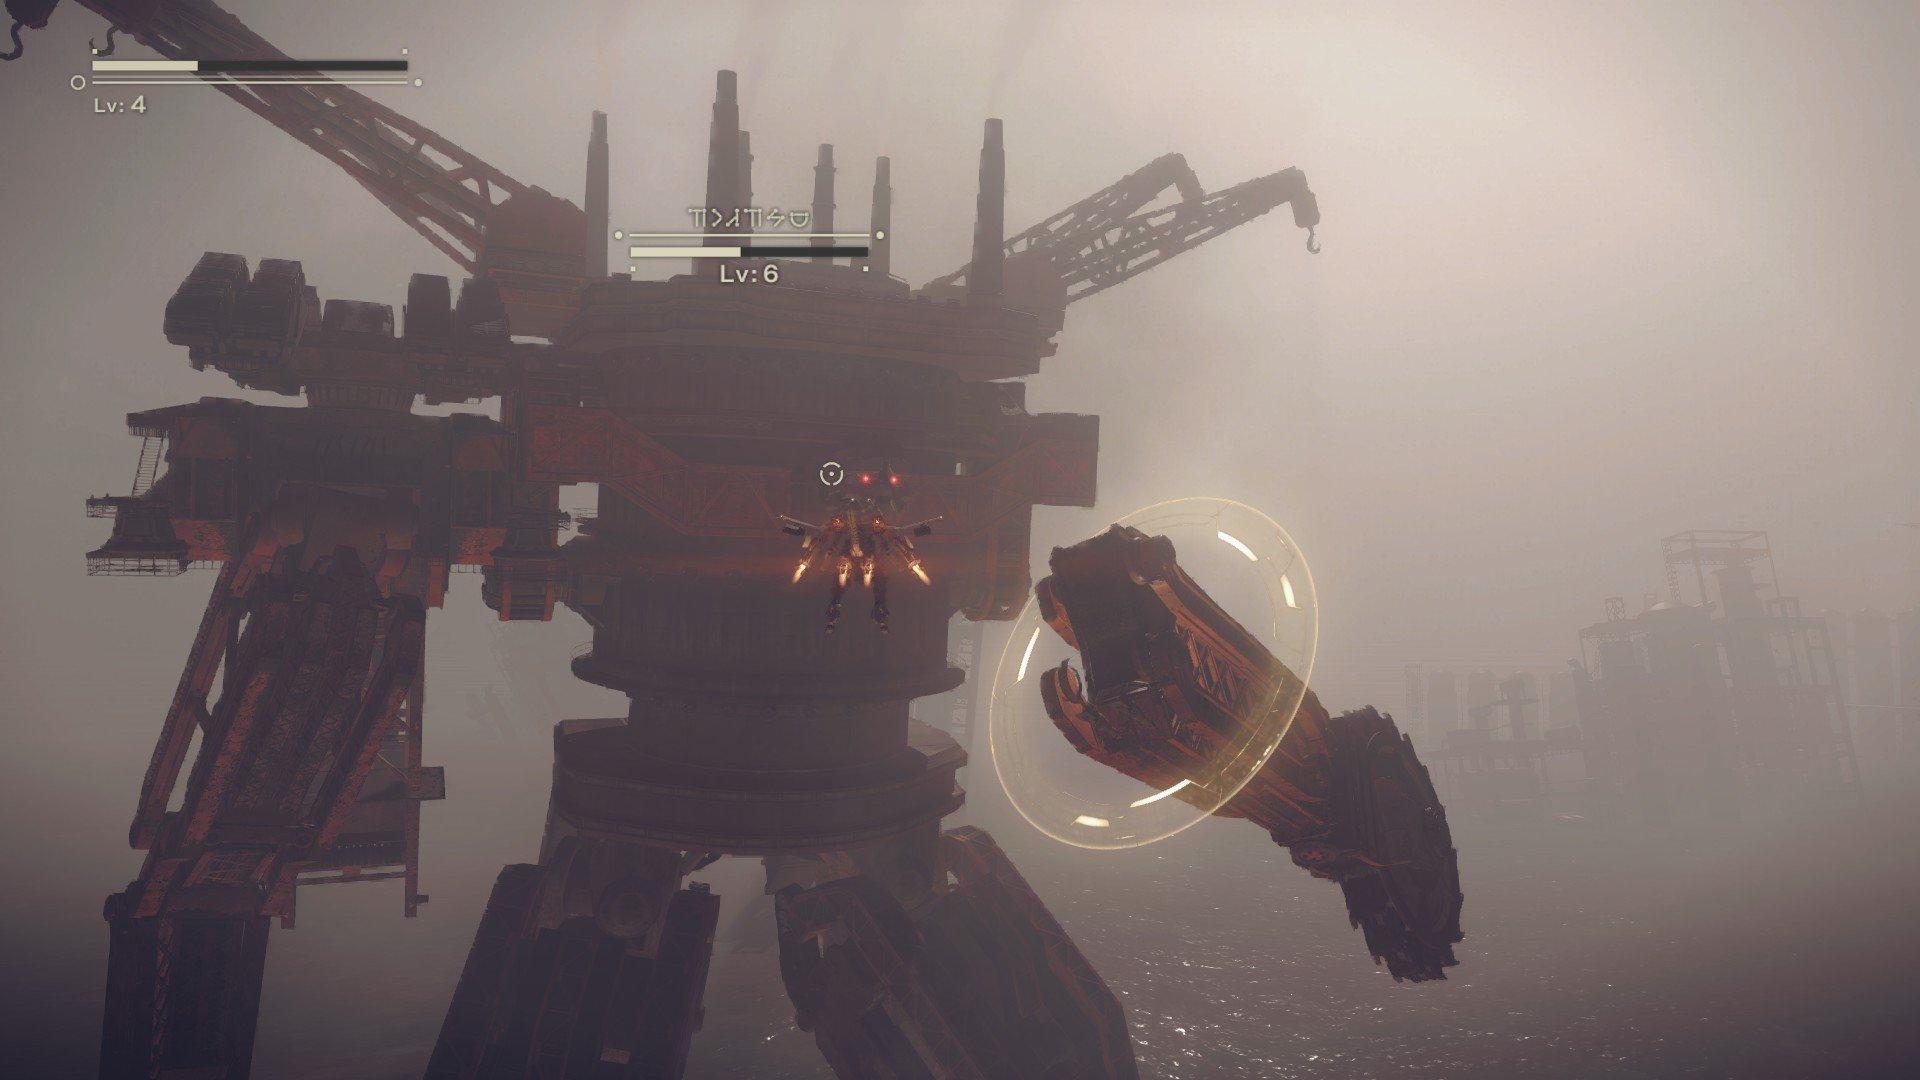 Image d'un combat à bord d'un vaisseau dans le jeu vidéo NieR:Automata